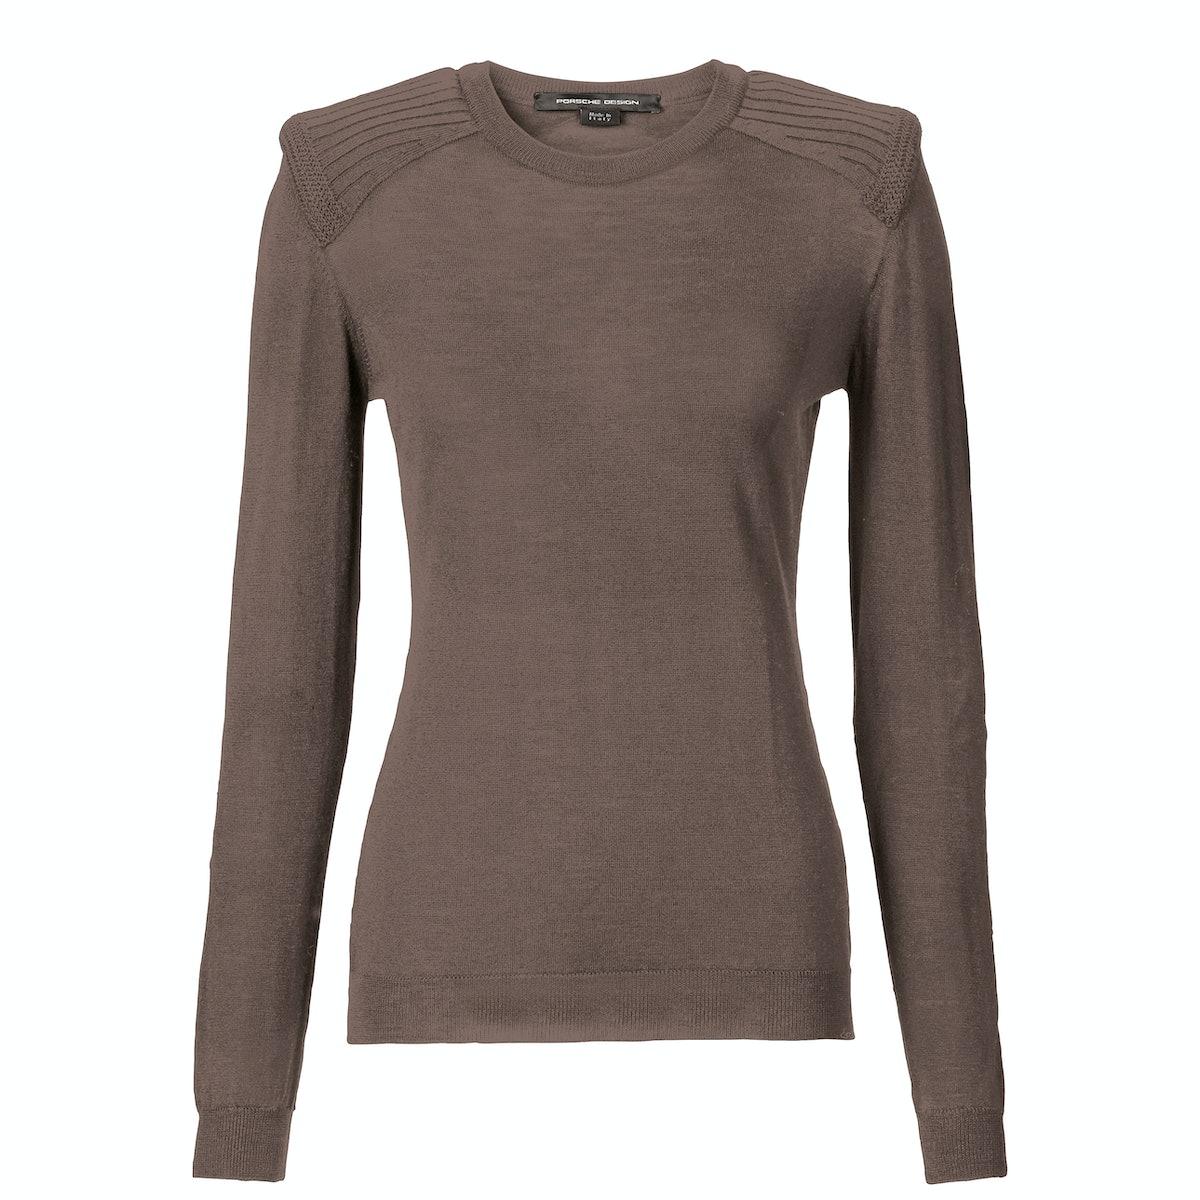 Porsche Design sweater